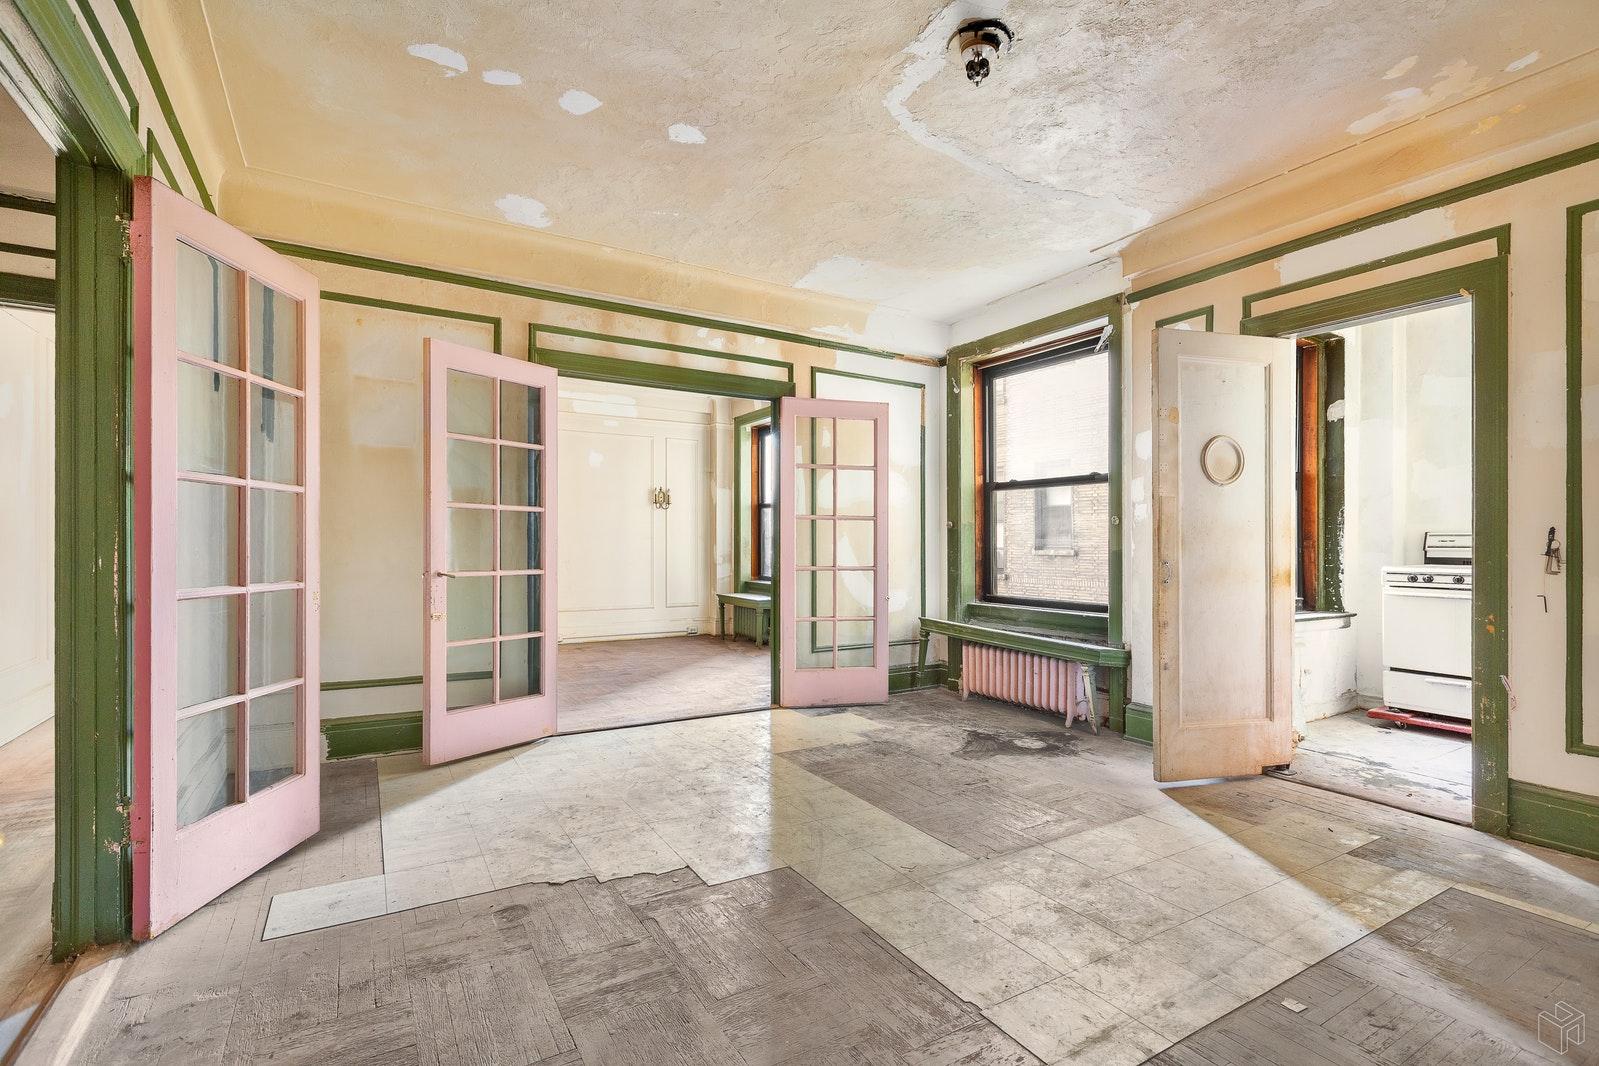 176 WEST 87TH STREET 4E, Upper West Side, $799,000, Web #: 19262352